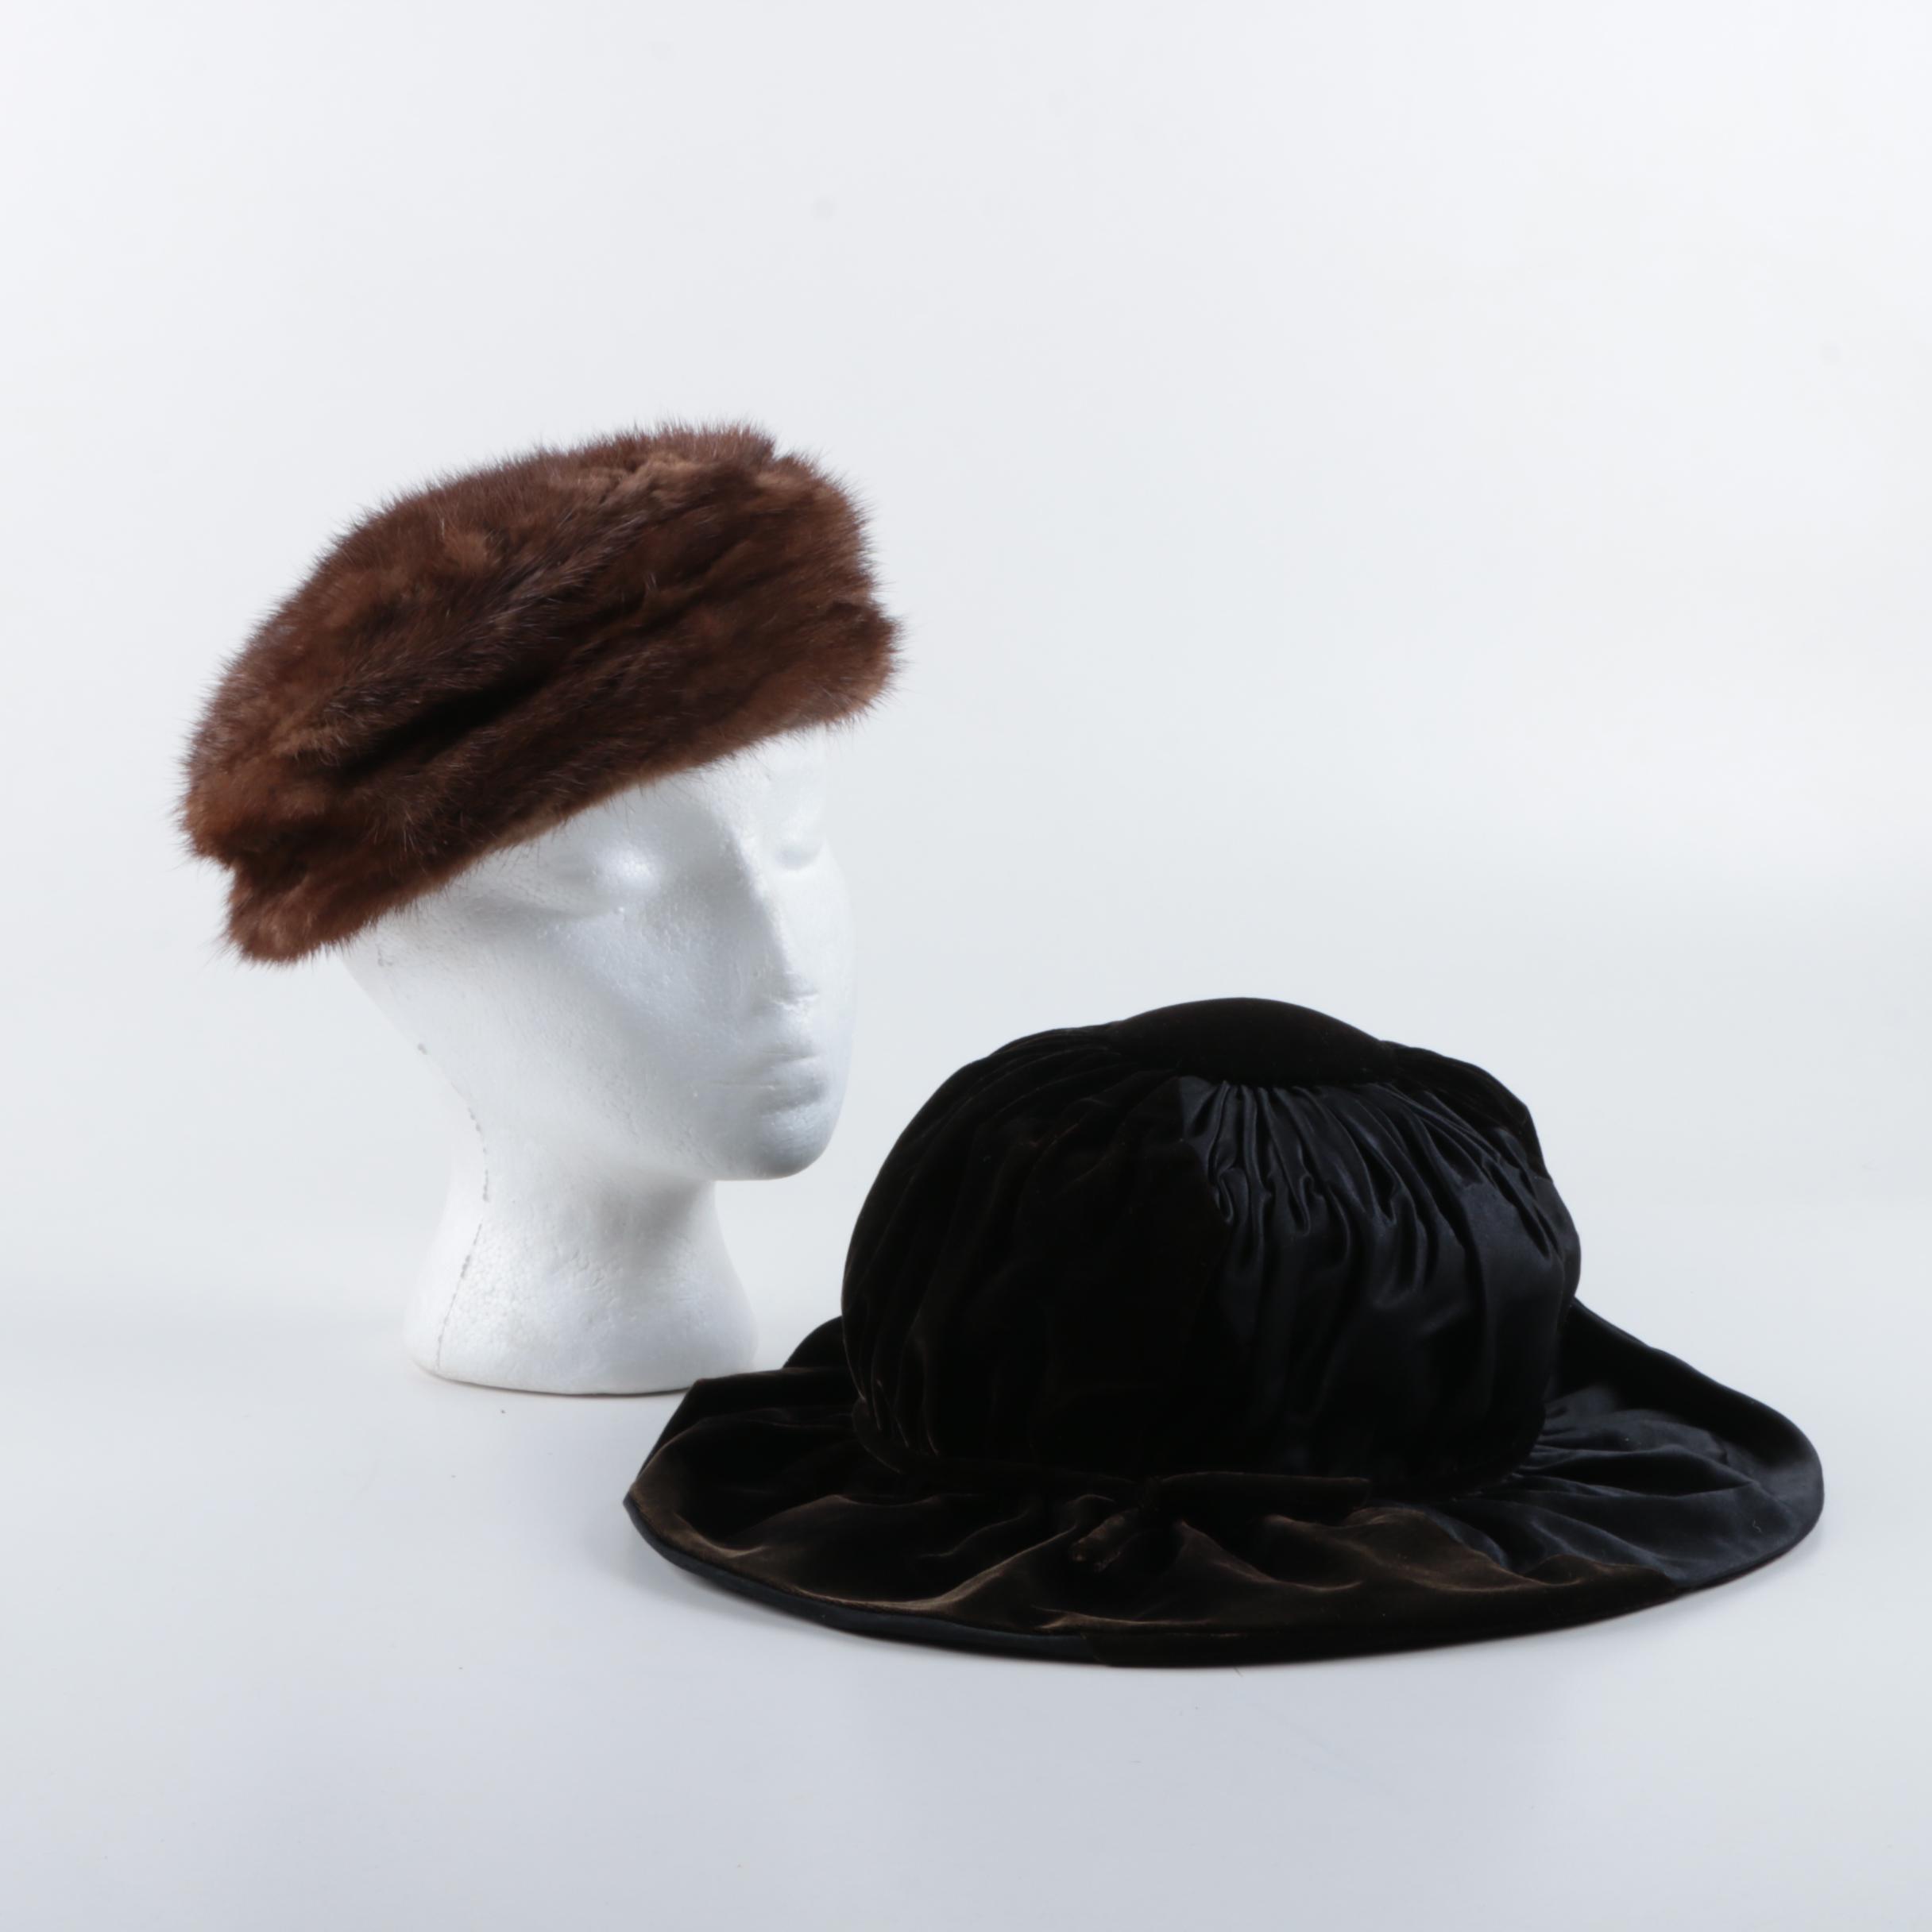 Vintage Gus Meyer Mink Fur Hat and Ruched Velvet Hat Saks Fifth Avenue Millinery